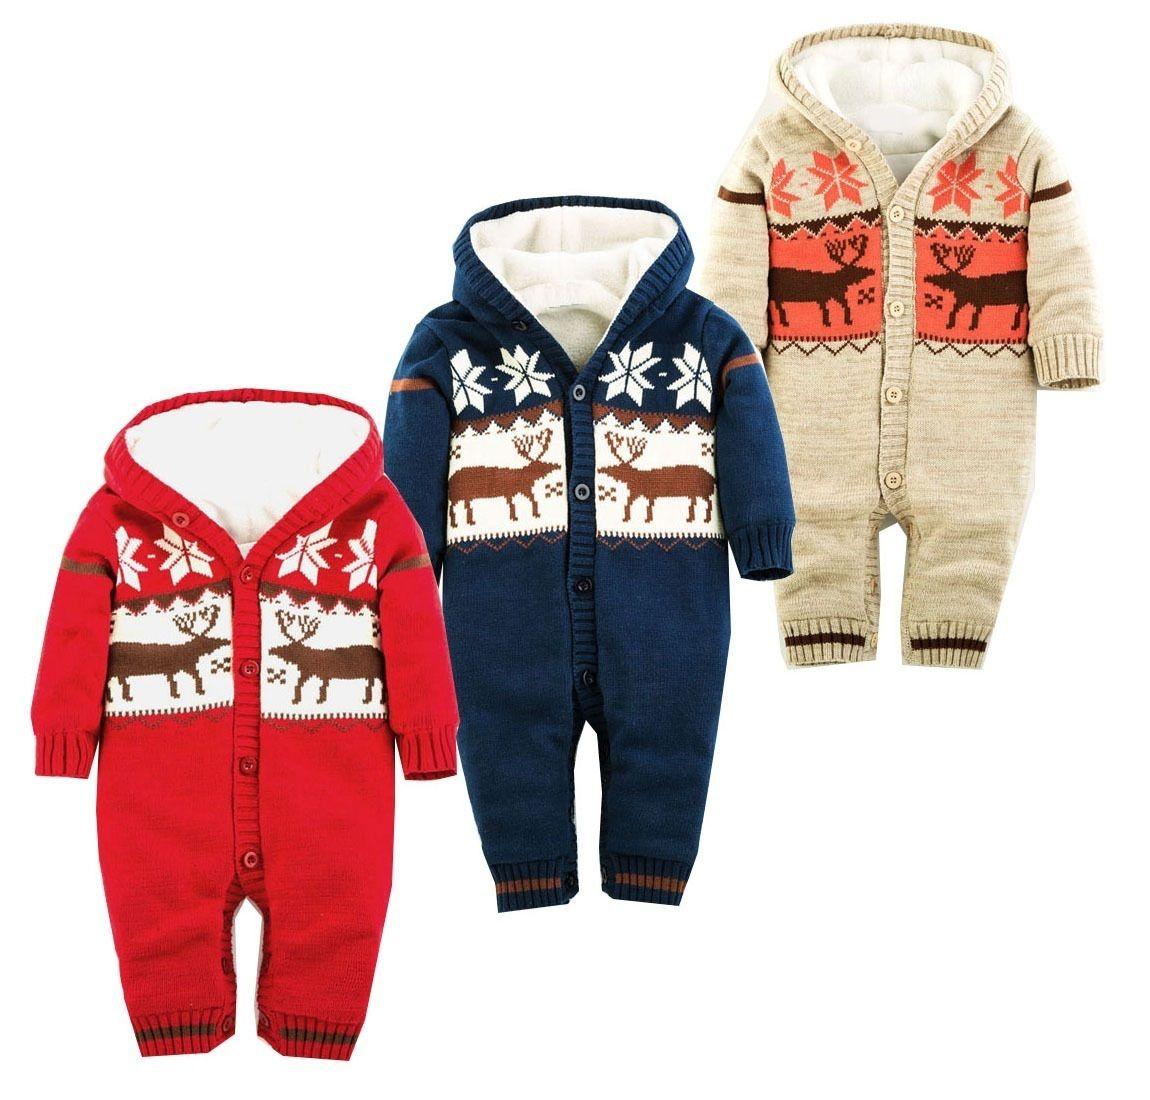 2607dd9d7a3d96 Outono Inverno Romper Do Bebê Do Natal Cervos Grosso Roupas de Bebê  Recém-nascido Com Capuz Bebê Menina Macacão Meninos Roupas Infantis Traje